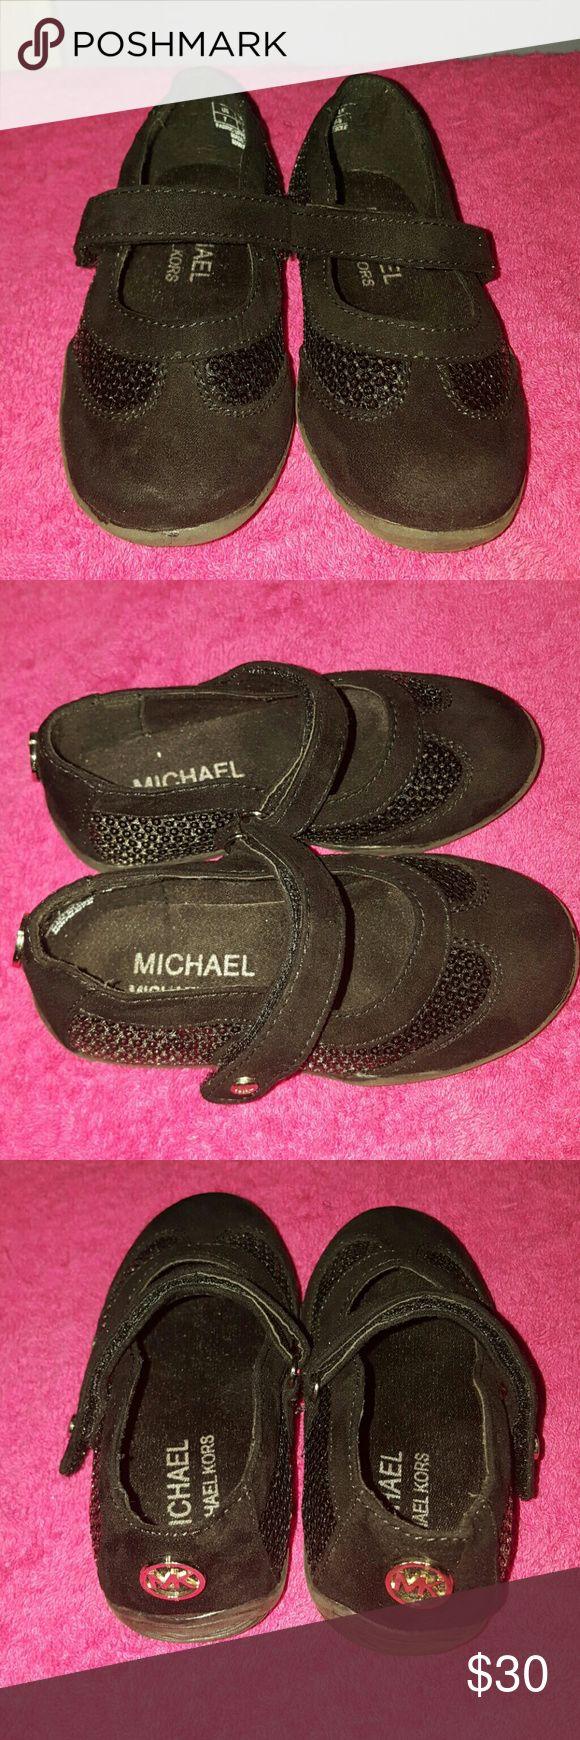 Black Michael Kors Ballet Flats Shoes Michael Kors black ballet flats with straps Michael Kors Shoes Dress Shoes